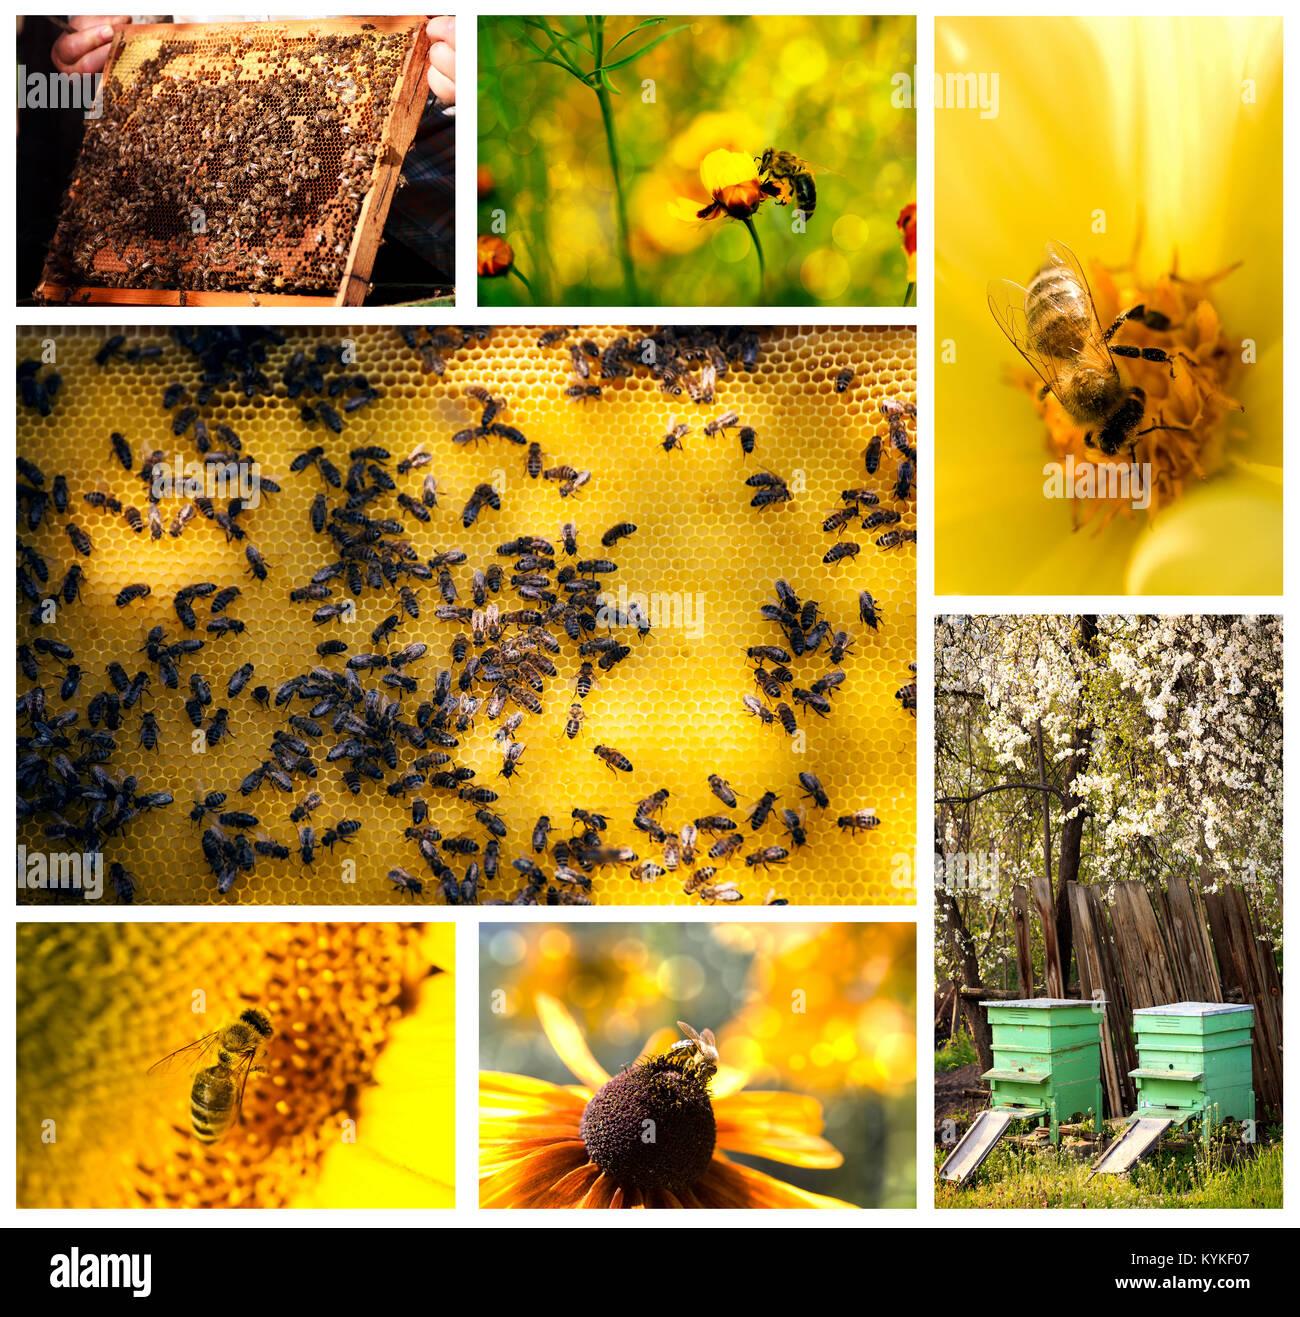 Biene Leben landwirtschaftliche Collage aus mehreren Bildern Stockfoto